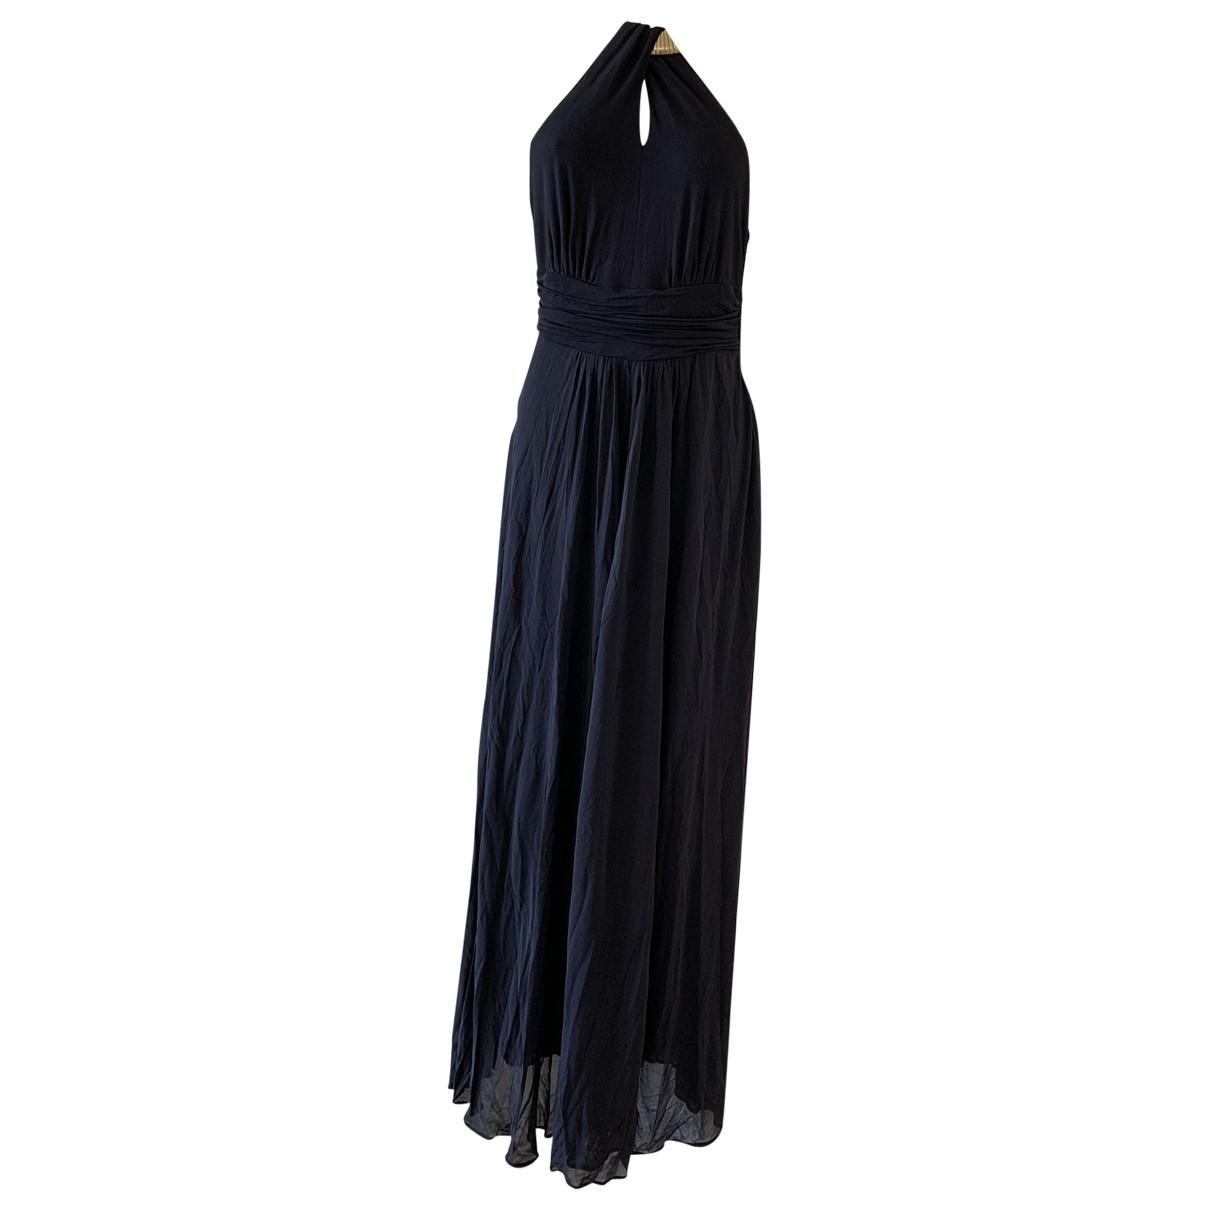 Michael Kors \N Black dress for Women 6 US